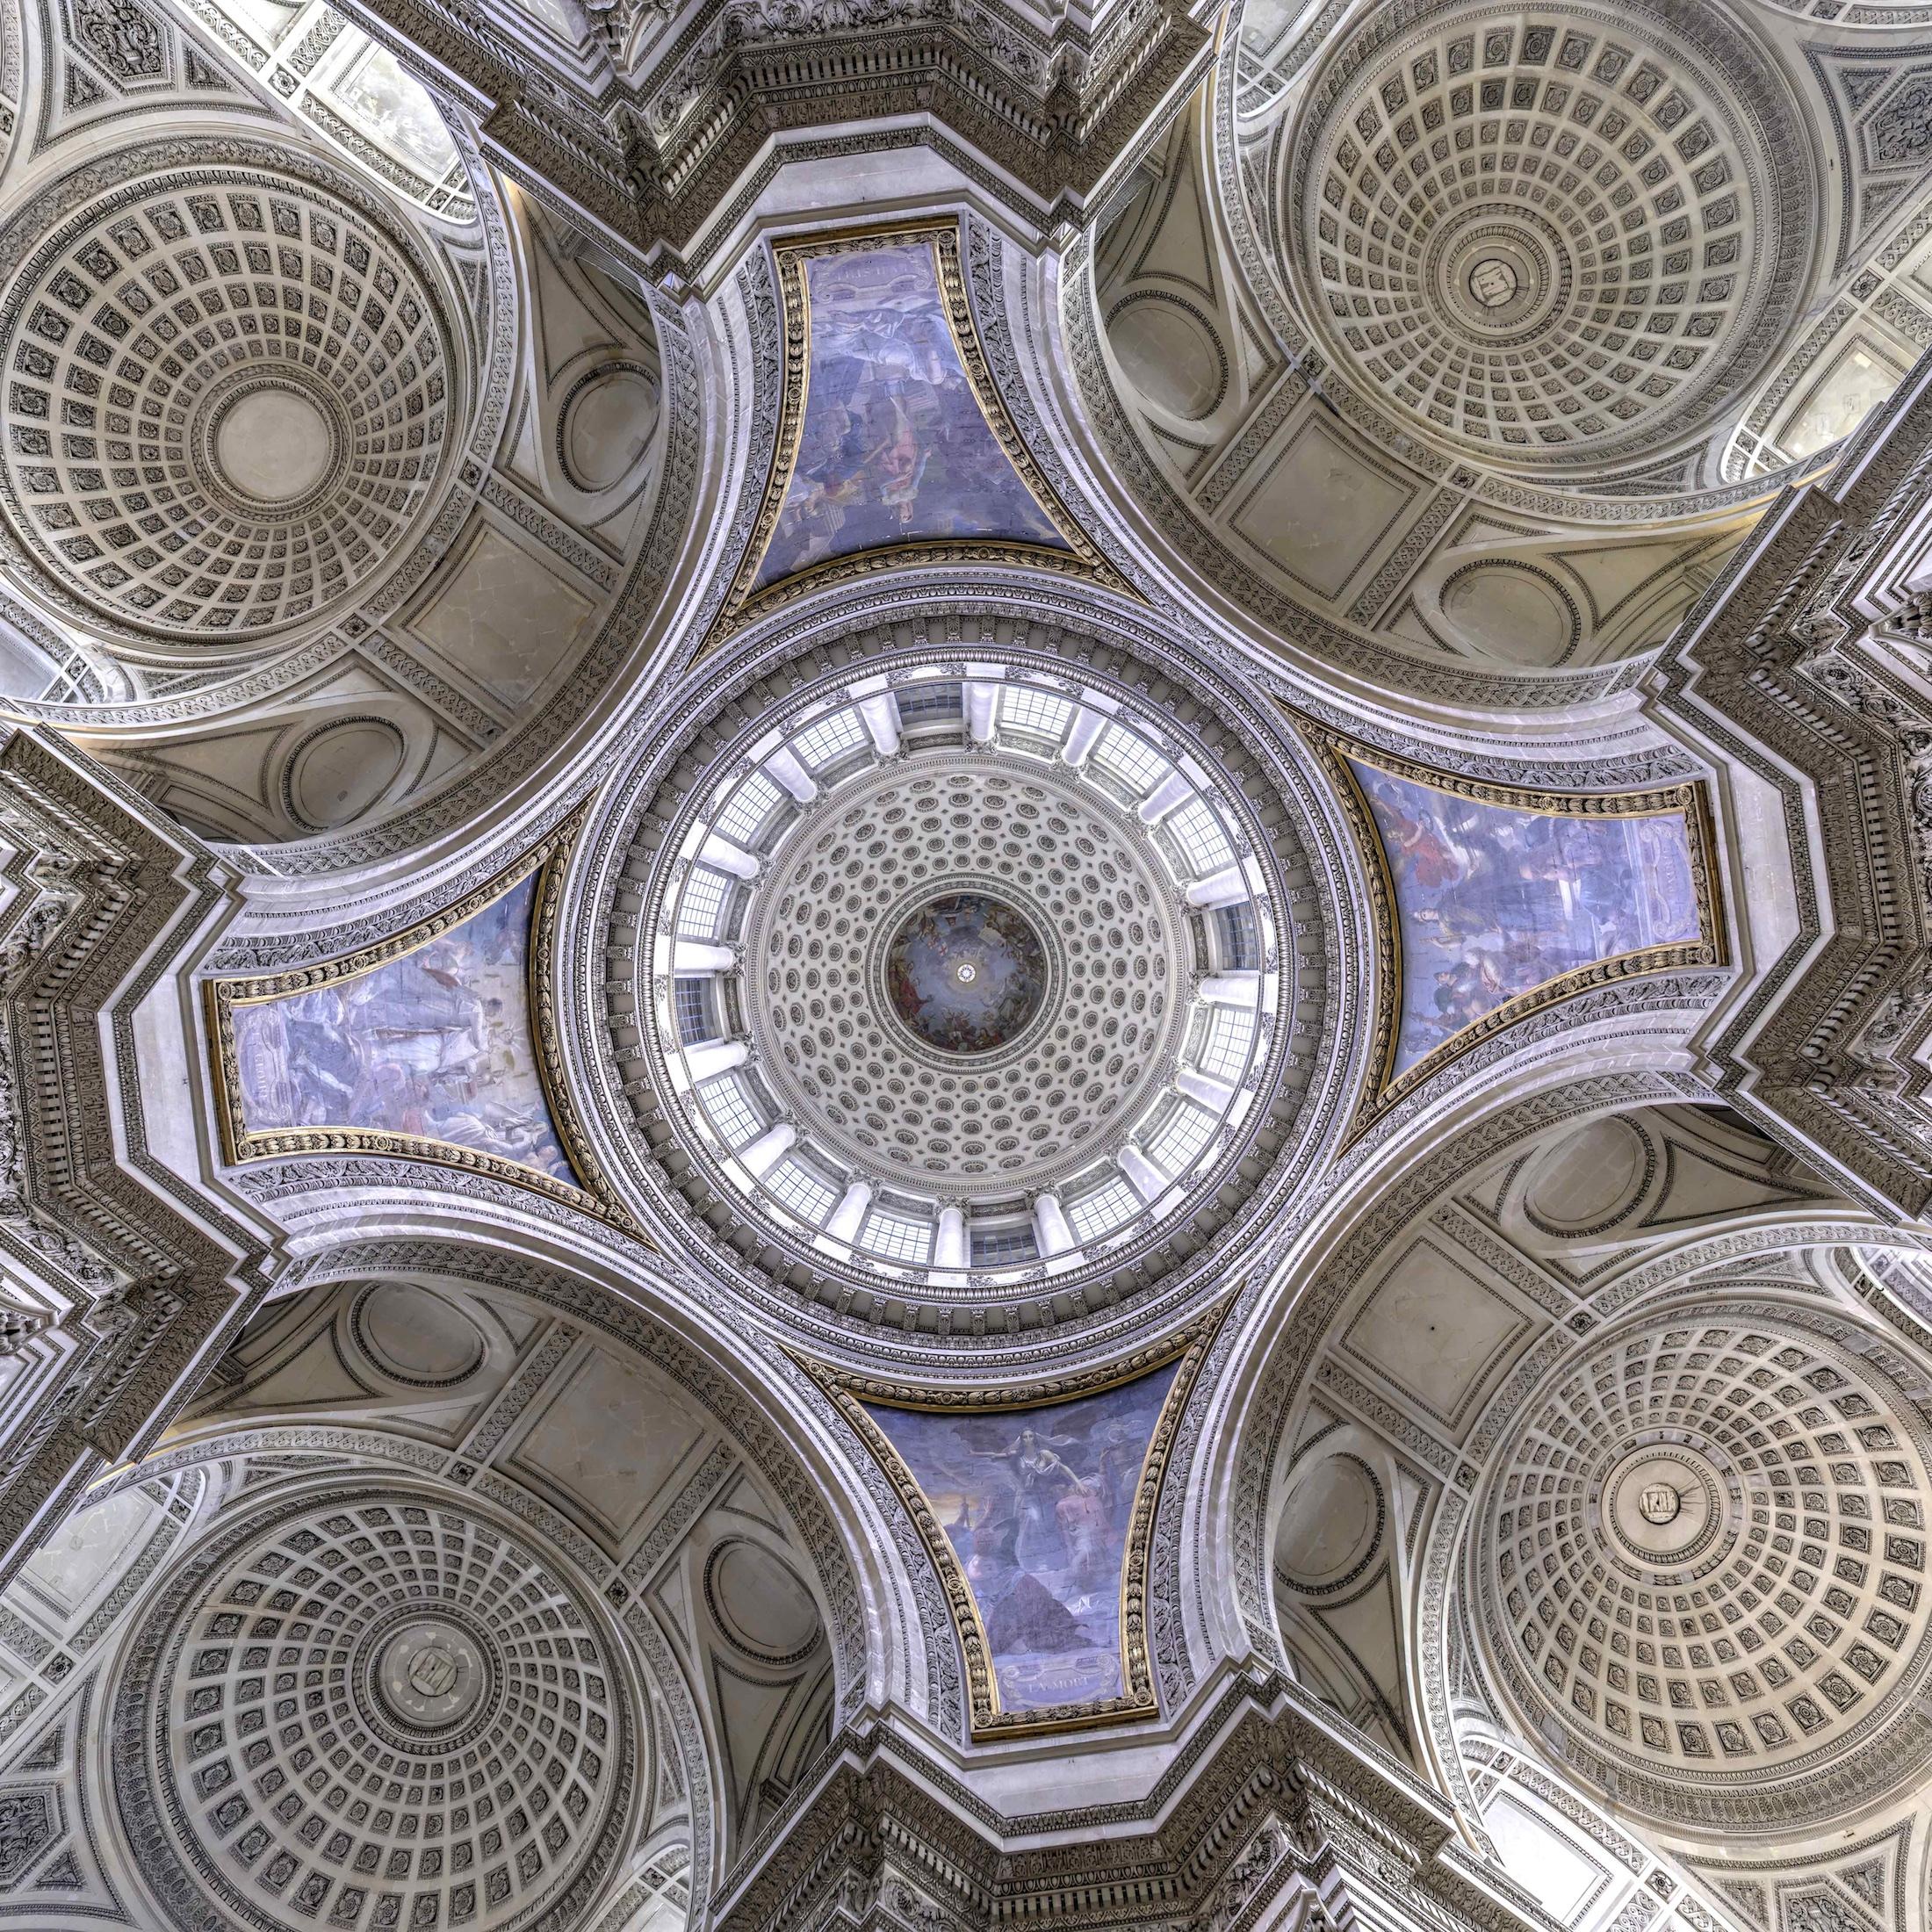 krpano;spheretocube;spheresize=30000x15000;cubesize=9549;